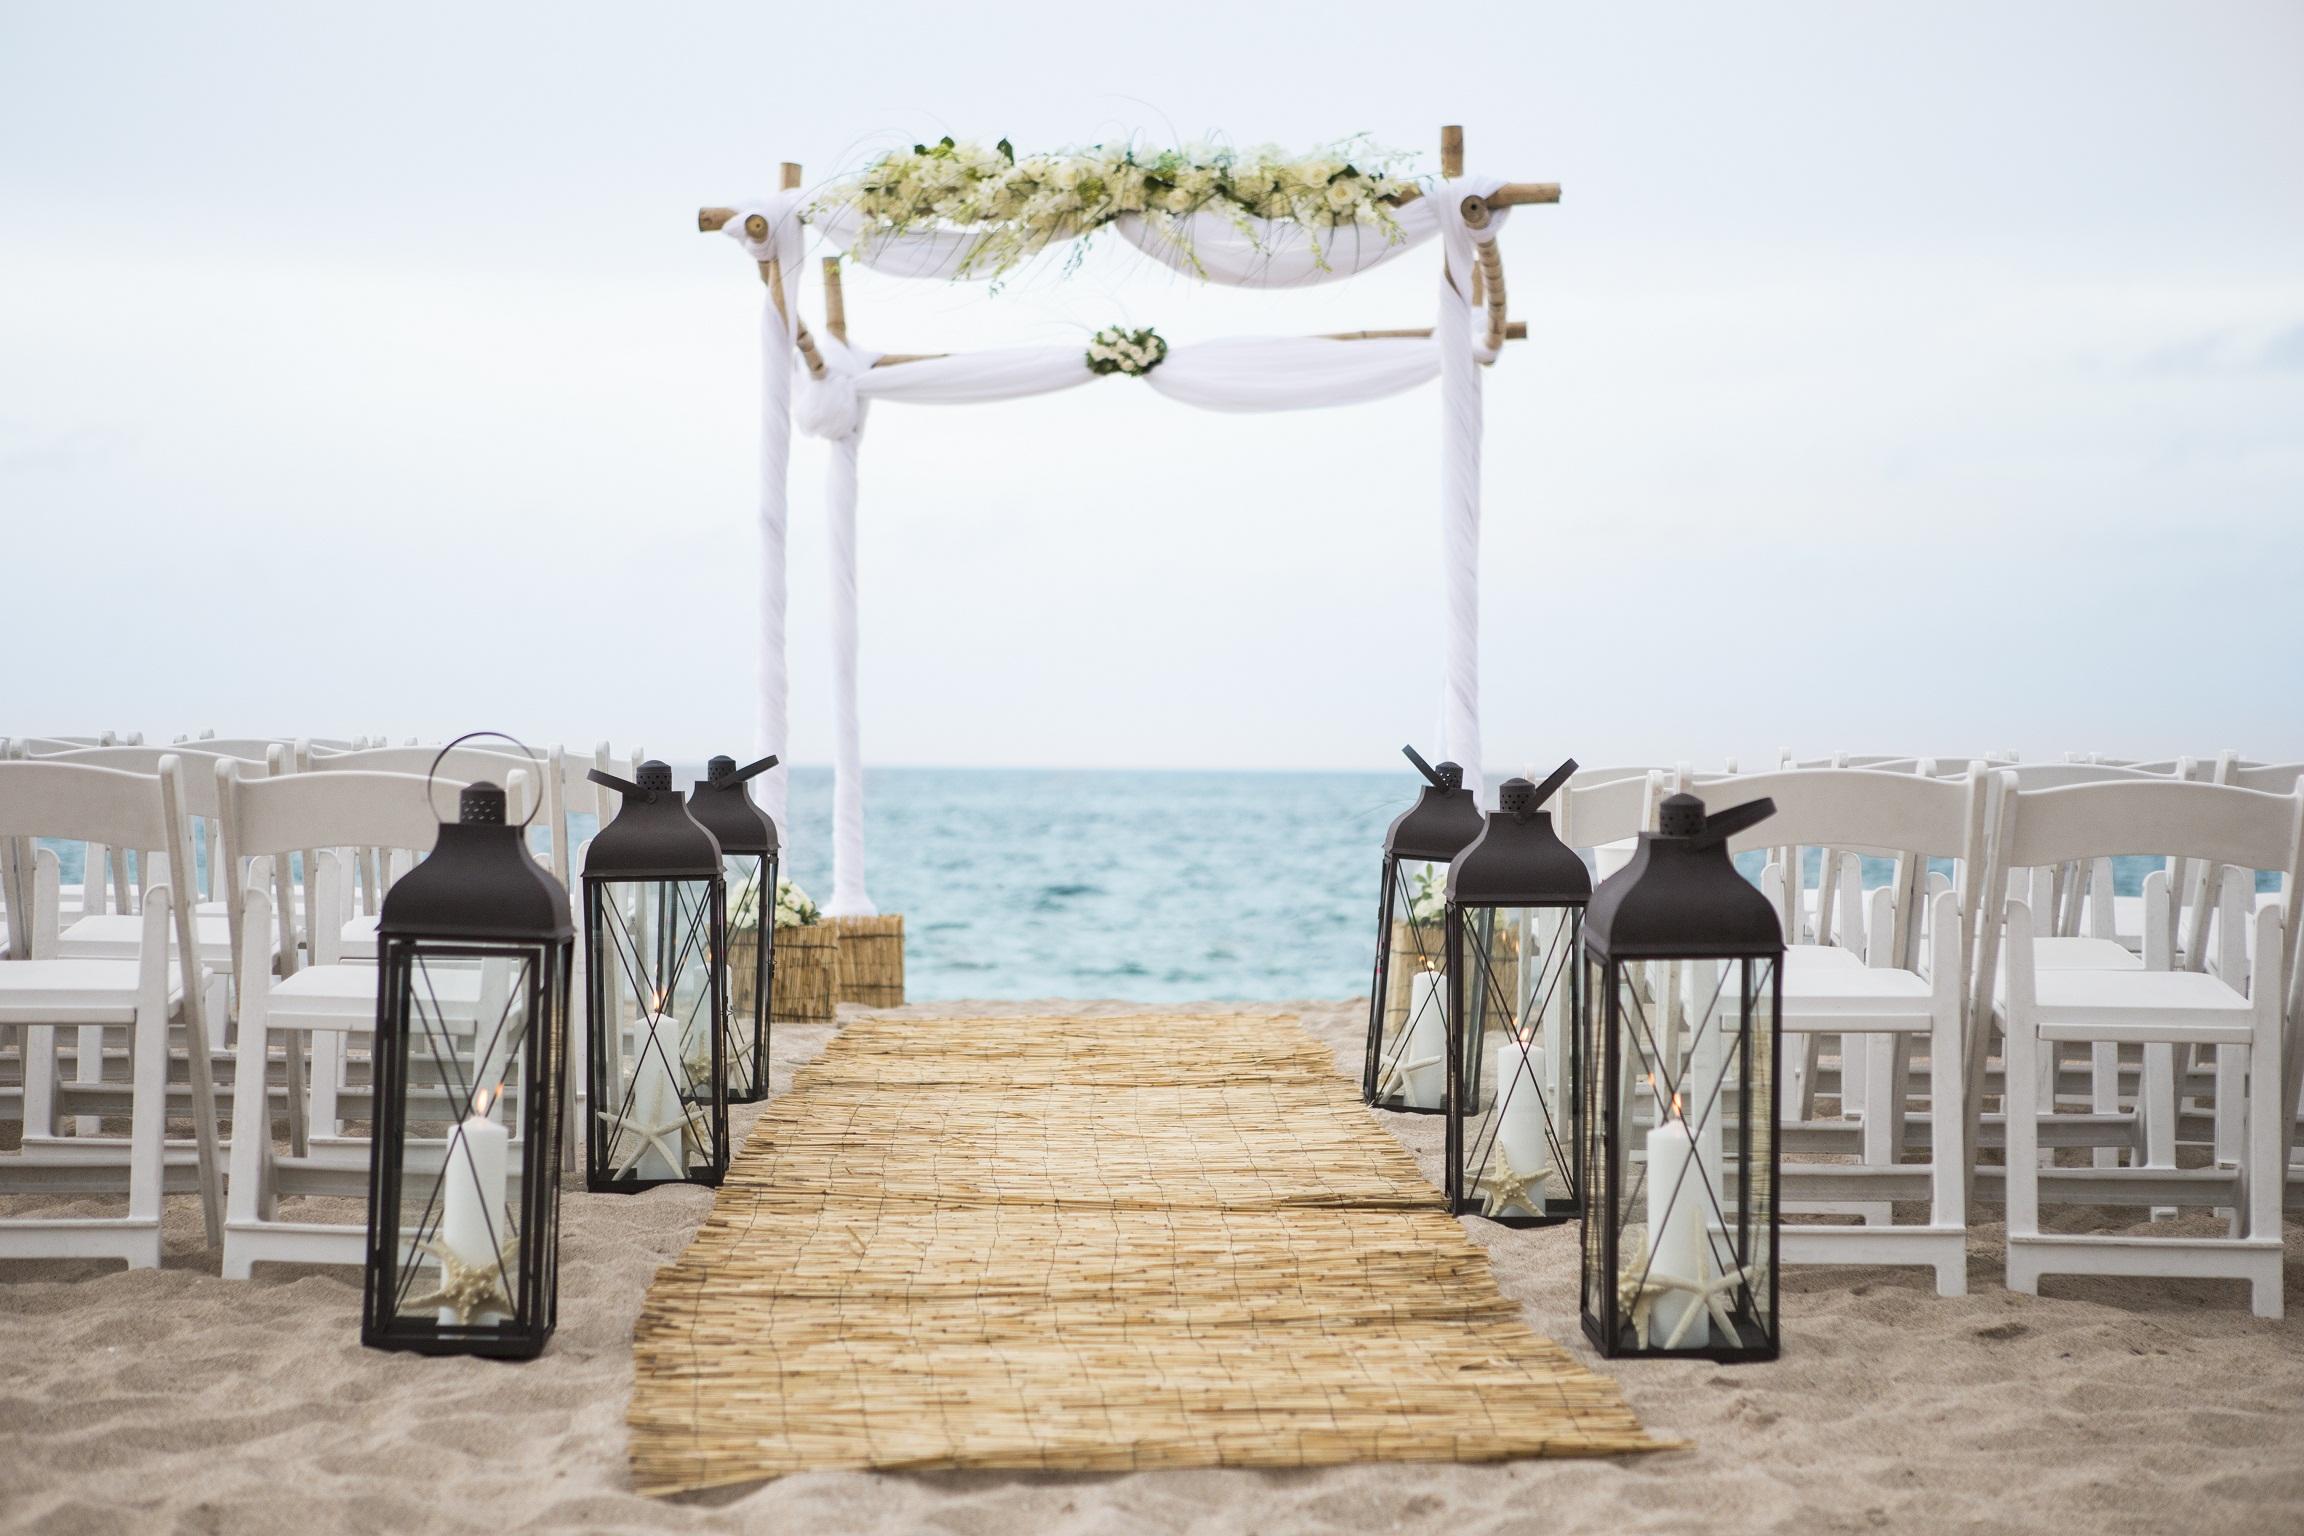 B Ocean Hotel Fort Lauderdale Wedding Venue In South